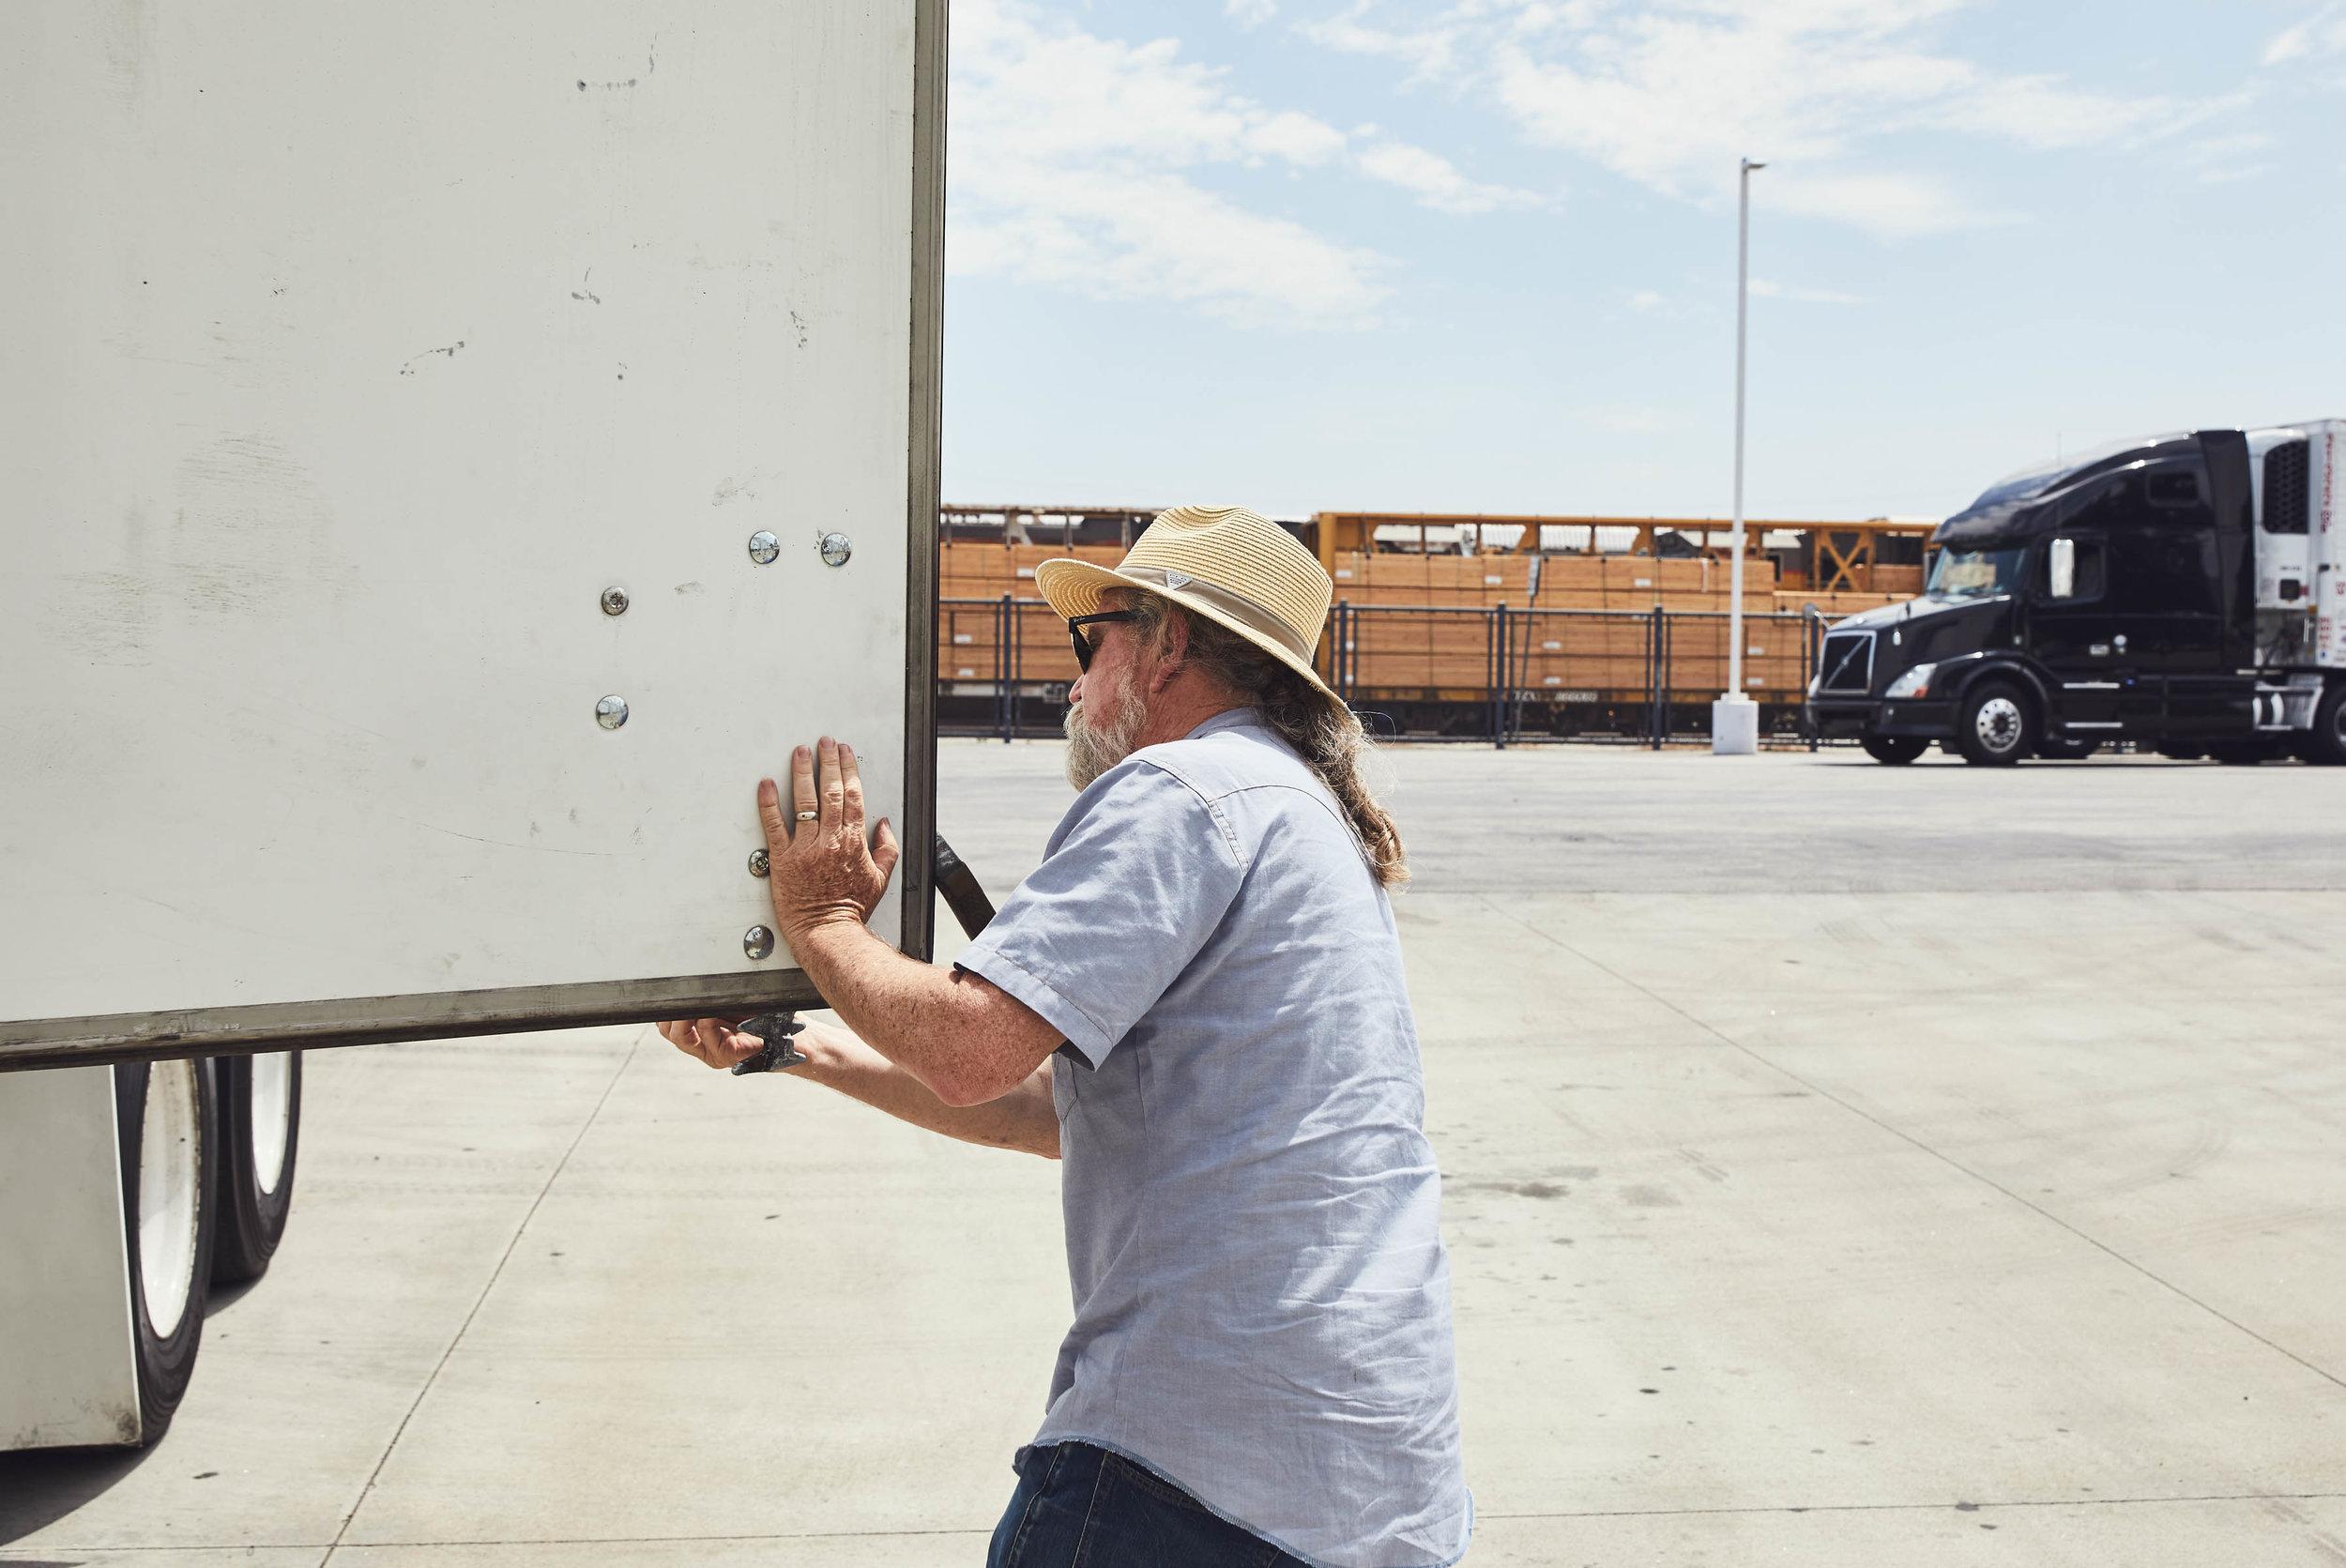 UF_Preloading_Truck_Outside-0016.jpg